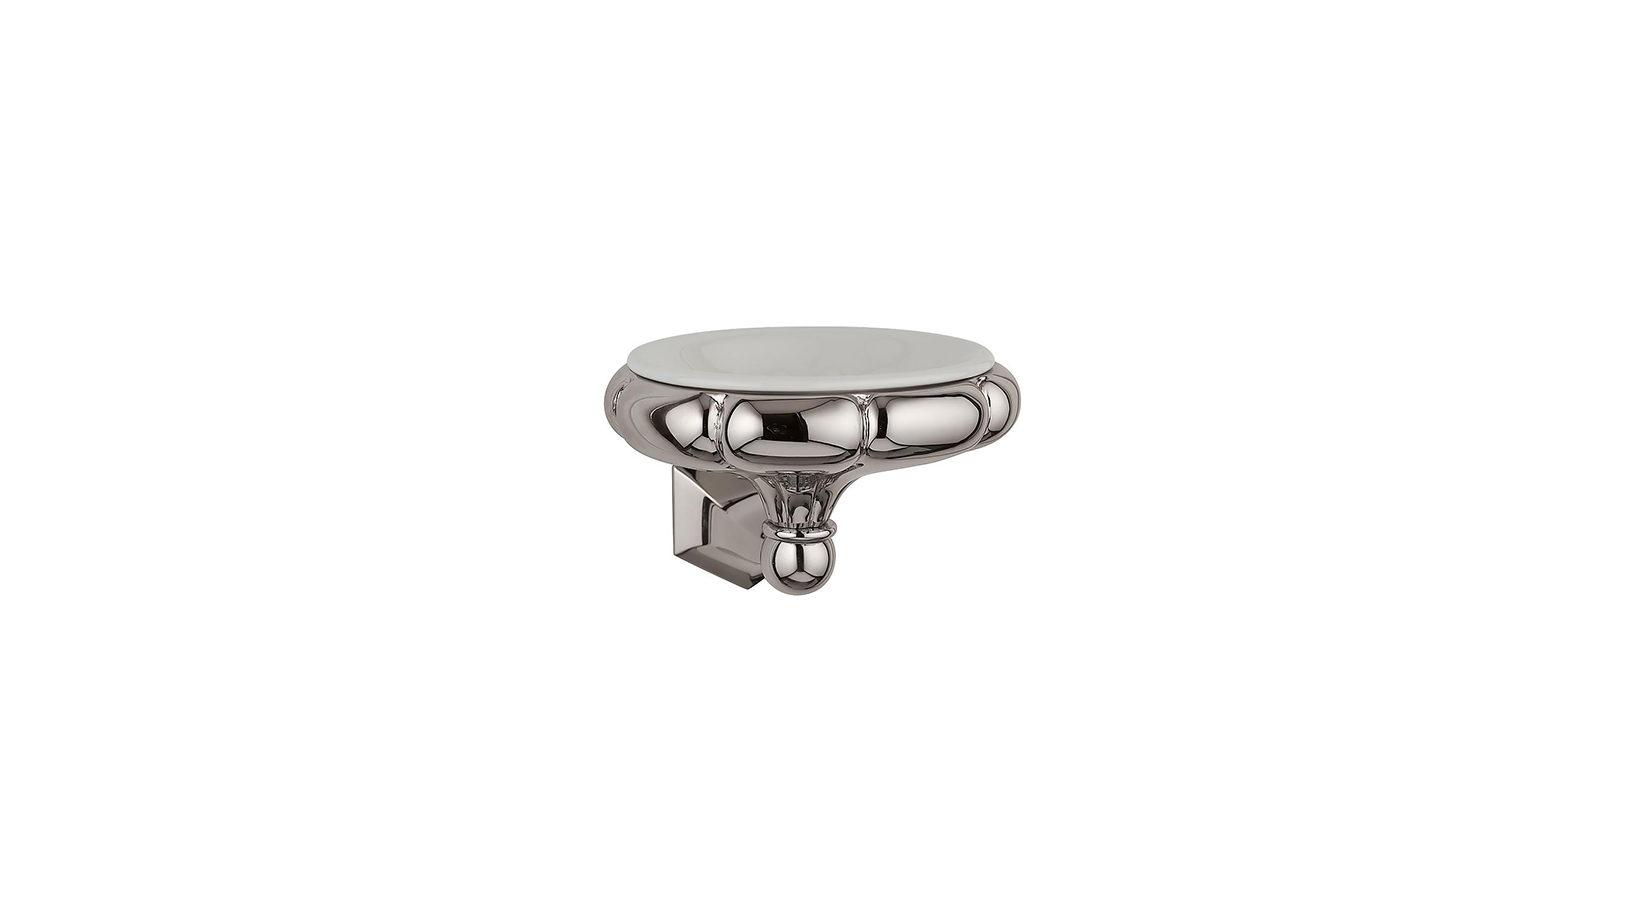 Chessleton Soap Dish Holder